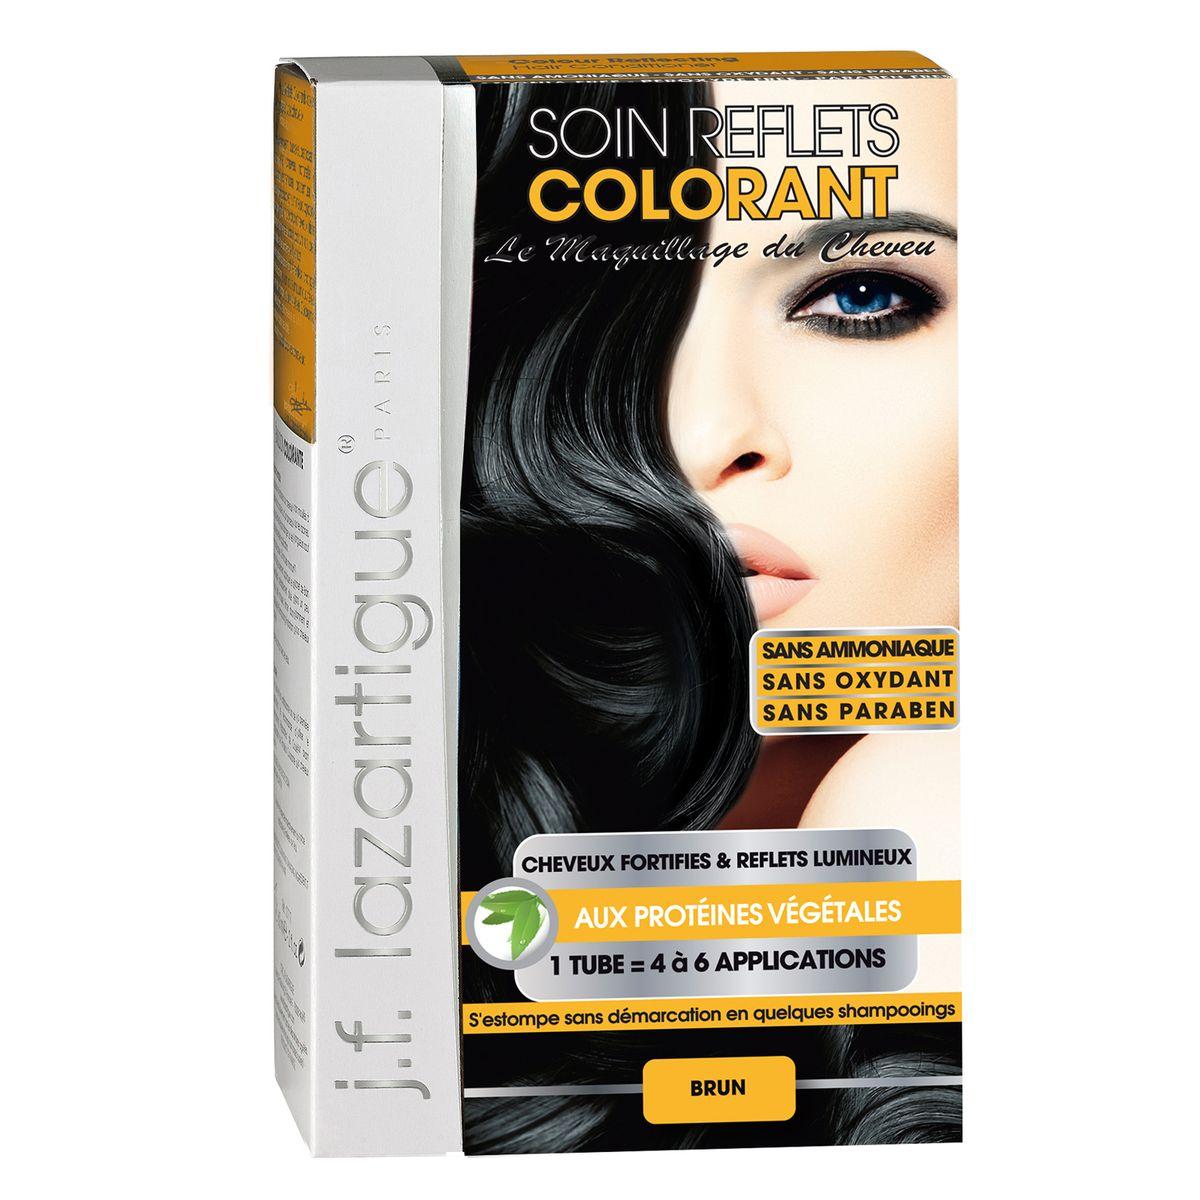 J.F.Lazartigue Оттеночный кондиционер для волос Черный 100 млБ33041_шампунь-барбарис и липа, скраб -черная смородинаОттеночный кондиционер J.F.LAZARTIGUE – это лечебный макияж для Ваших волос. Два эффекта: кондиционирование волос и легкий оттенок. Особенности: придает новый или более теплый (или холодный) оттенок, делает тон темнее или акцентирует цвет, оживляет естественный цвет или придает яркость тусклым и выцветшим на солнце волосам. Закрашивает небольшой процент седины! После мытья волос шампунем (3-6 раз) смывается. Для достижения индивидуального оттенка можно смешать два разных кондиционера: добавить к выбранному ТЕМНЫЙ РЫЖИЙ (Auburn), МЕДНЫЙ (Copper) и т.п. Не осветляет волосы. Не содержит аммиака и перекиси водорода. Не содержит парабенов. Не предназначен для окрашивания бровей и ресниц.